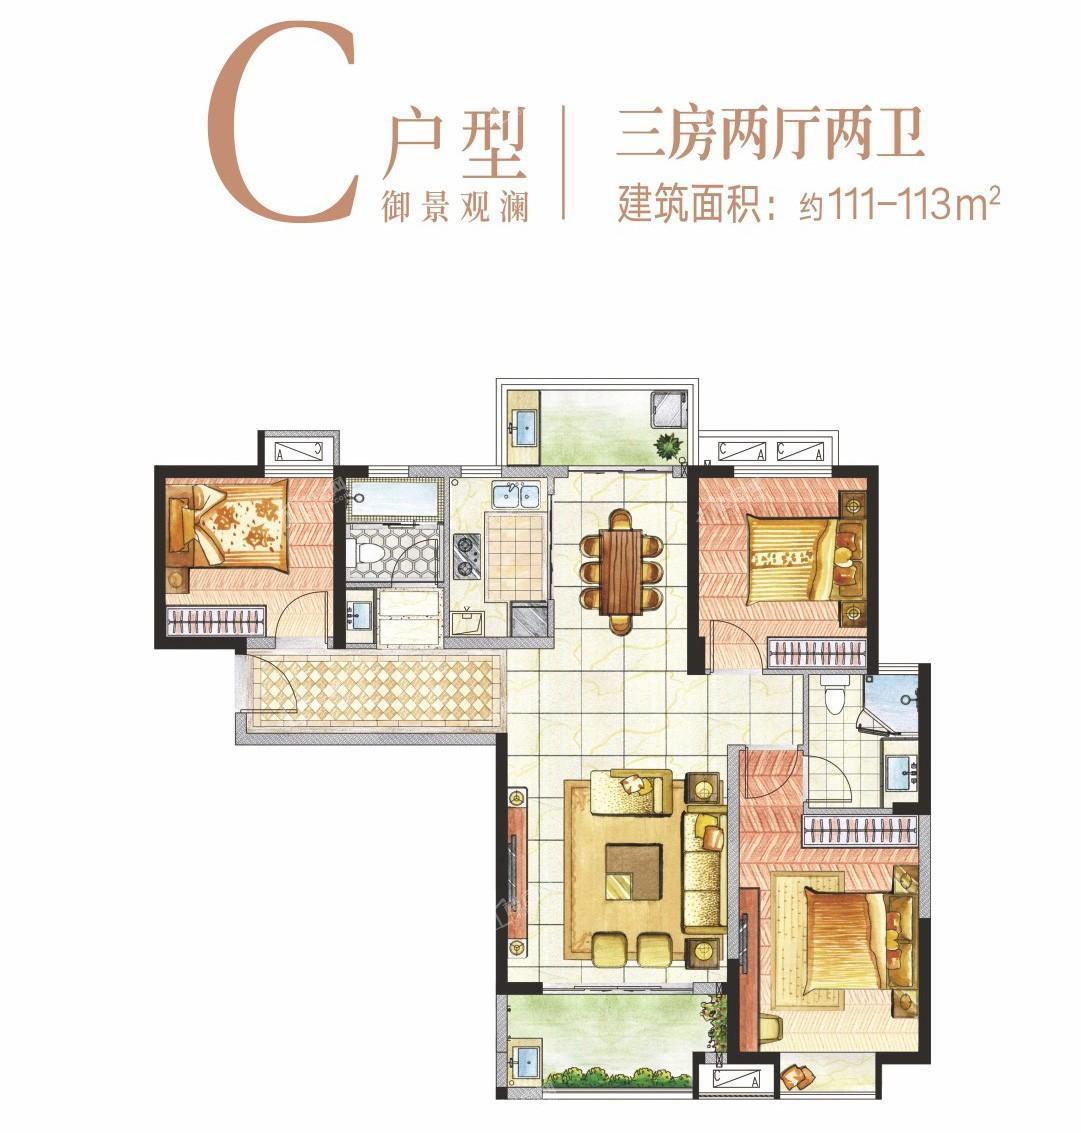 东海湾门第C户型:111-113㎡三房两厅两卫